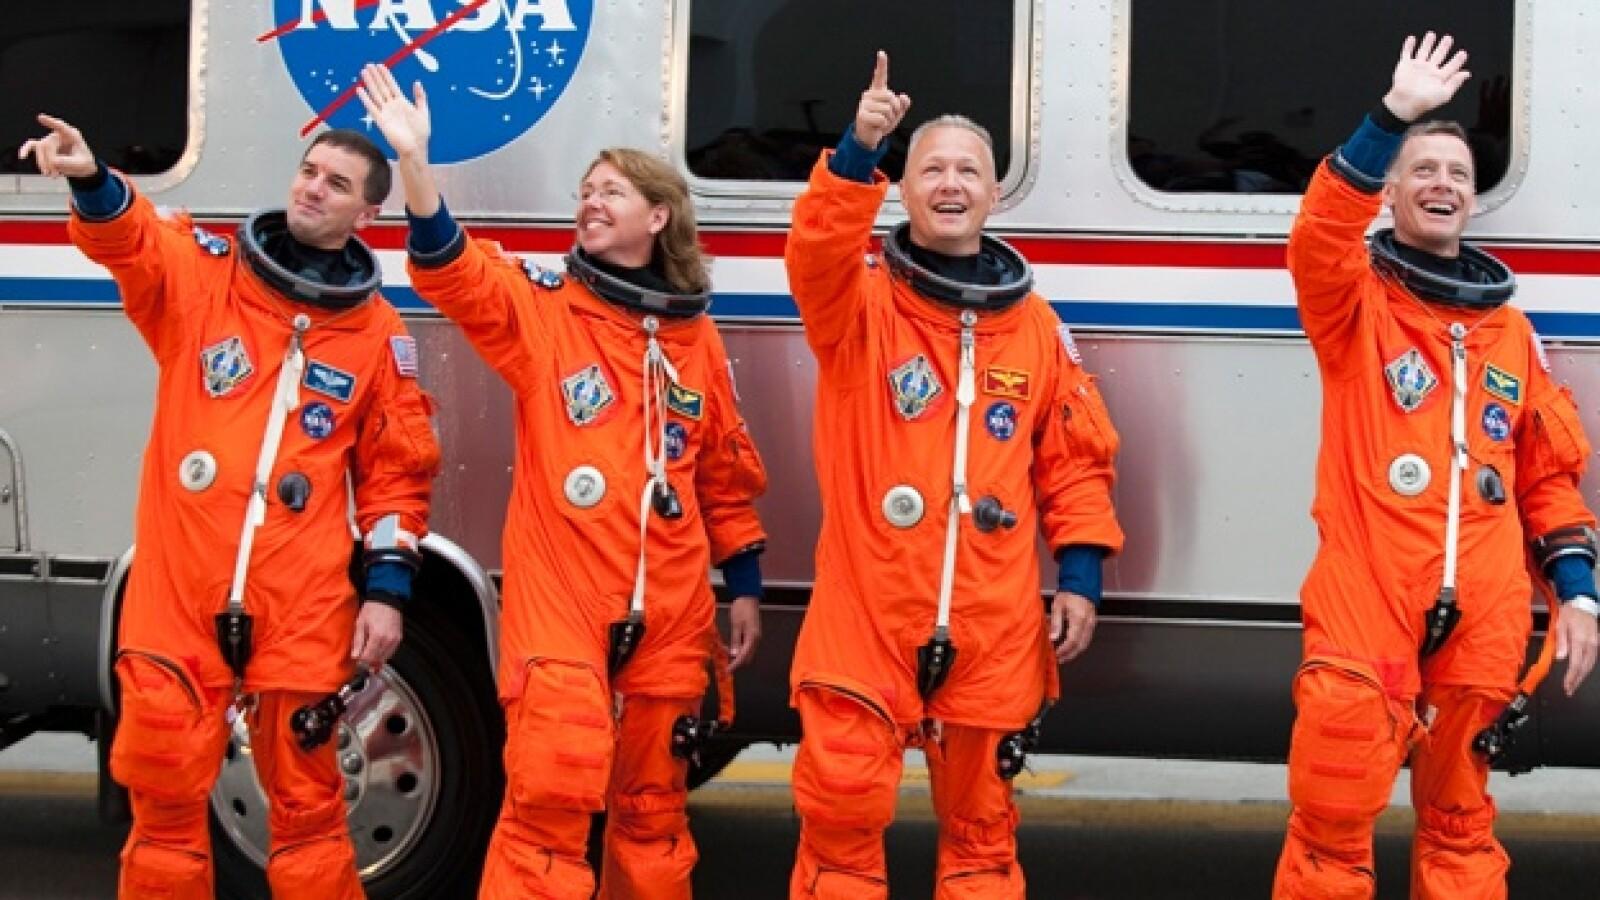 atlantis despegue transbordad astronautas